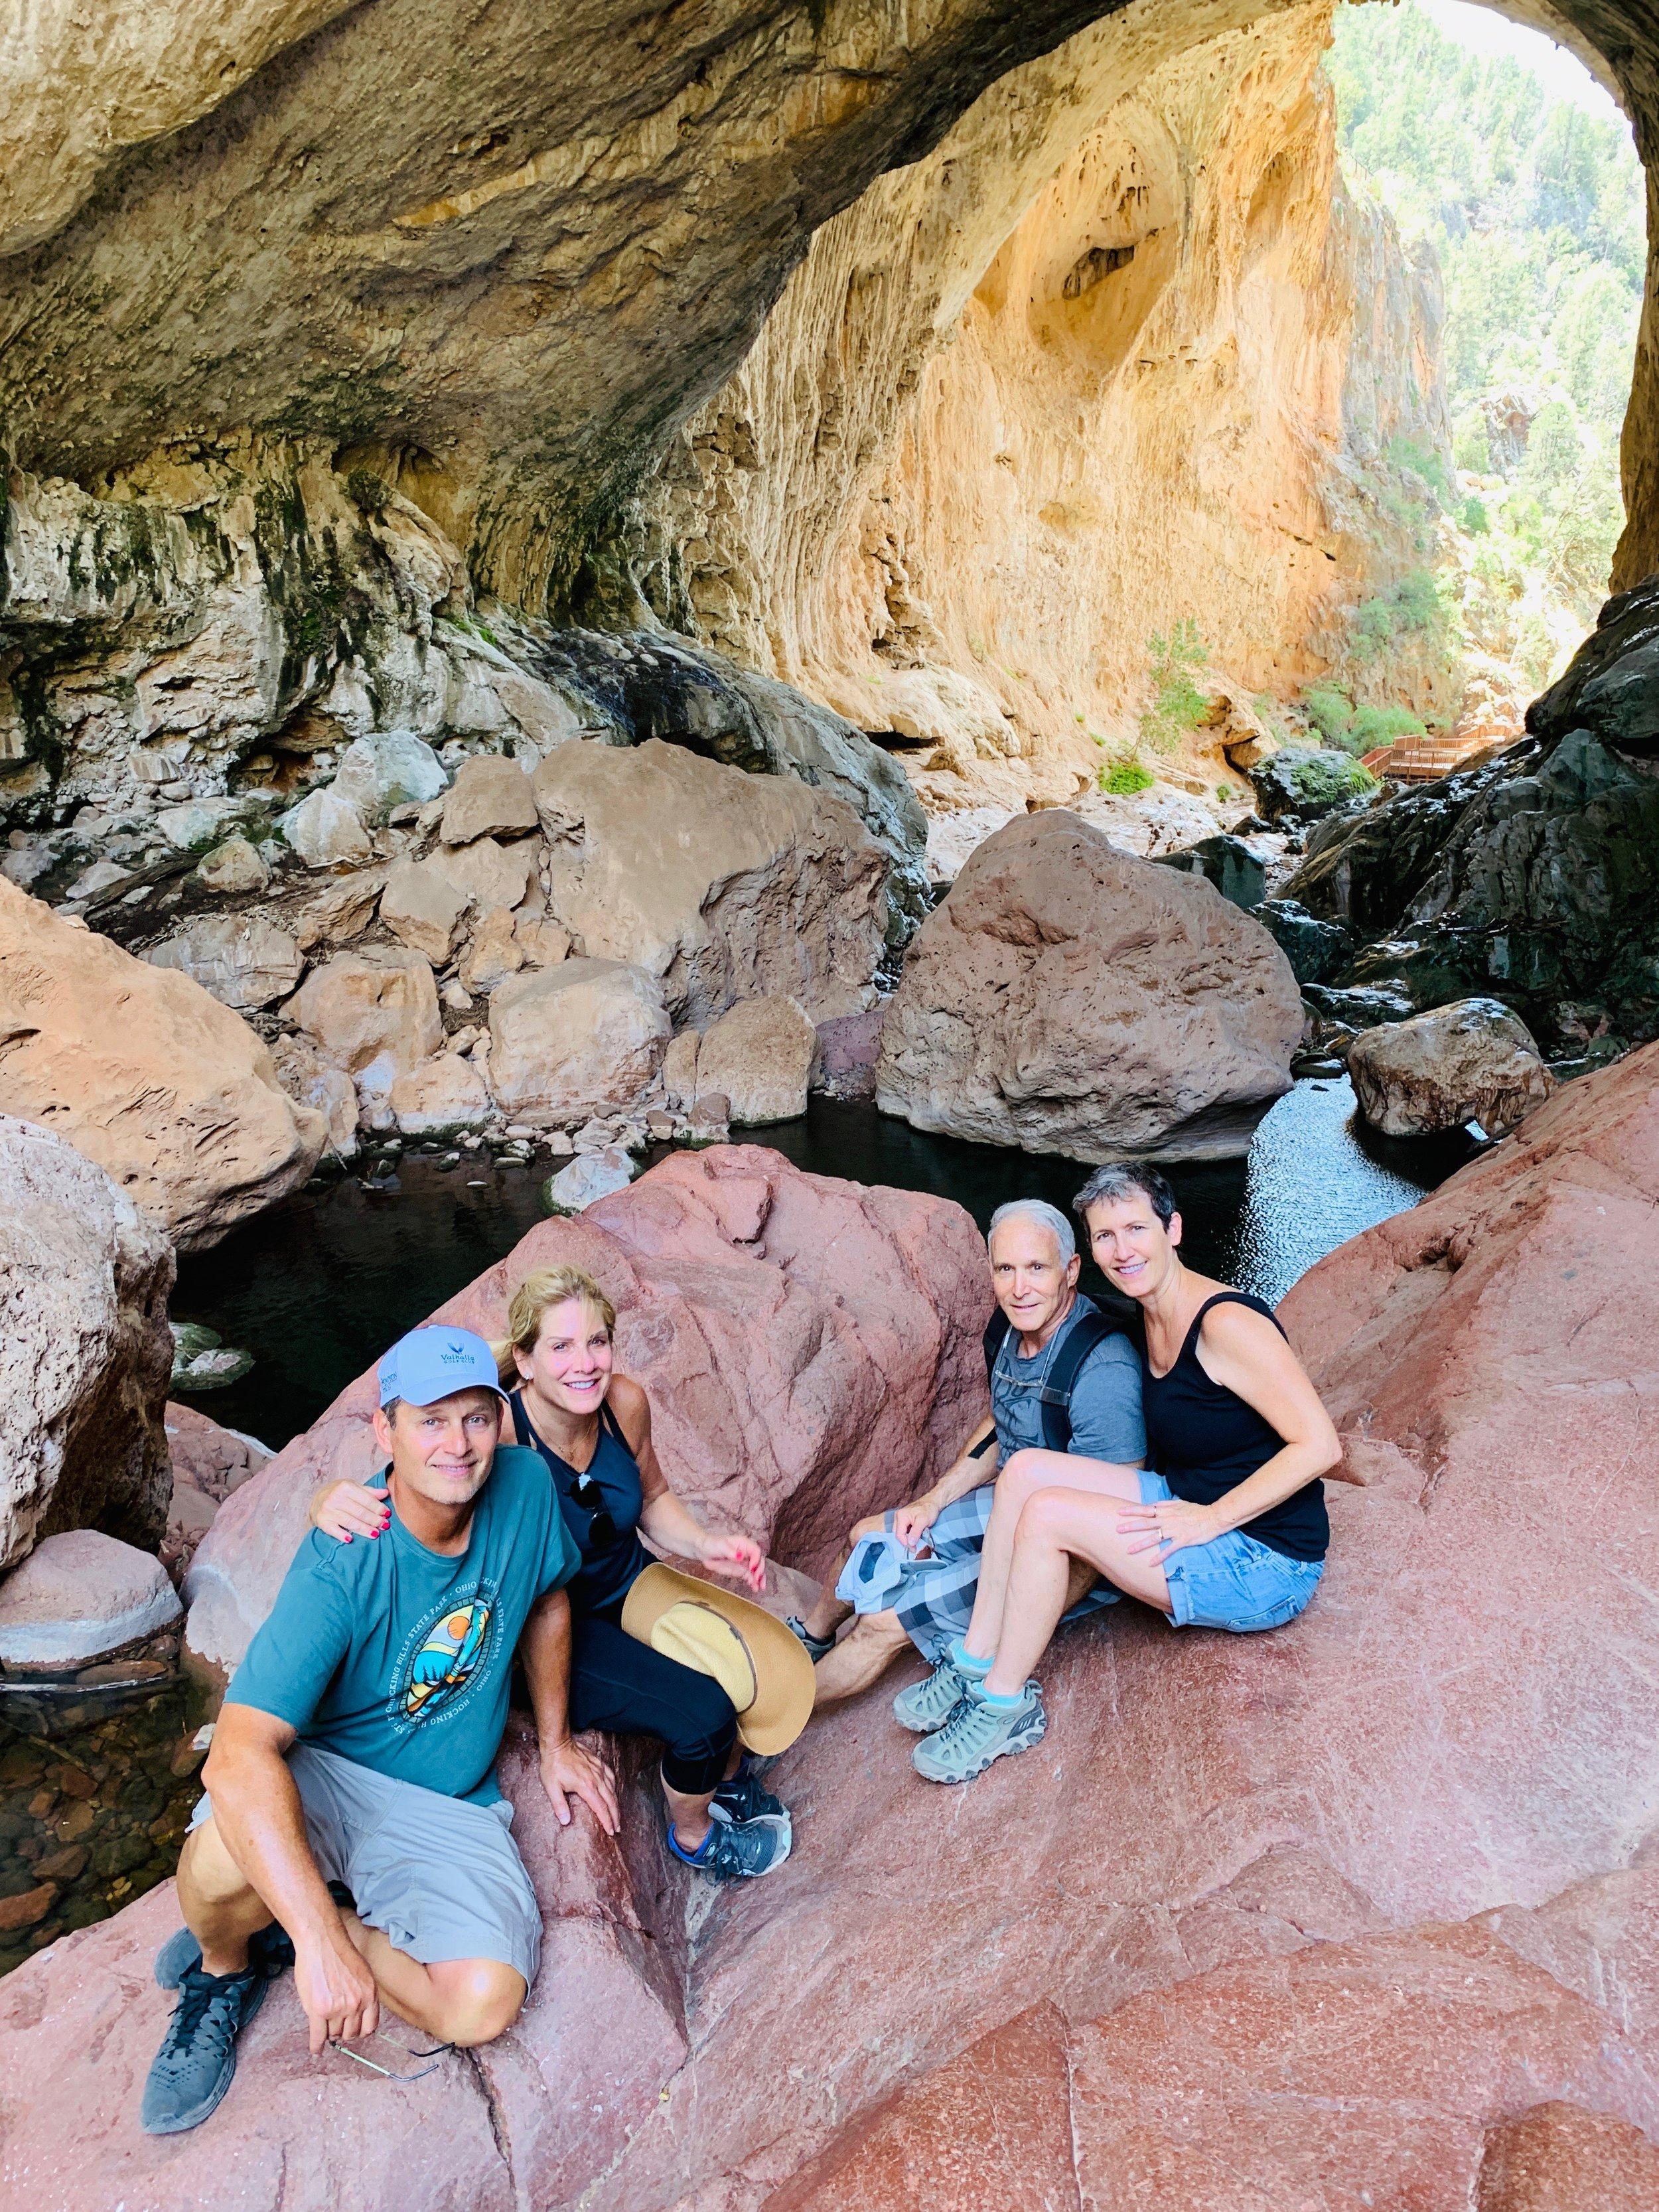 Twenty ninth of July with Ed and Lynn and Tonto natural bridge, Az